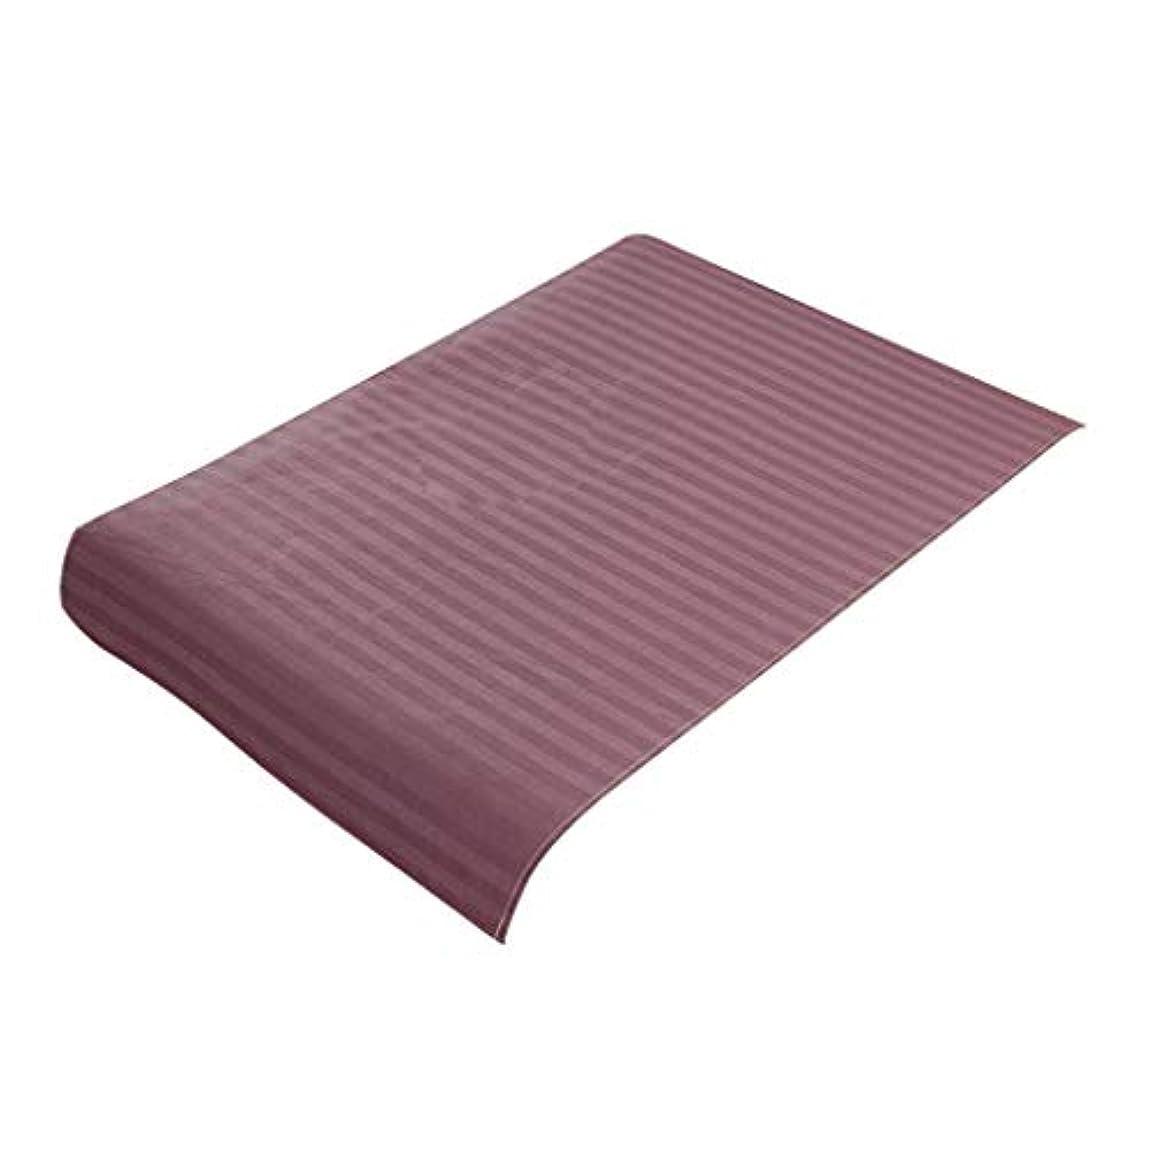 ホール招待ハンバーガースパ マッサージベッドカバー 美容ベッドカバー 綿製 断面 マッサージテーブルスカート 60x90cm - 紫